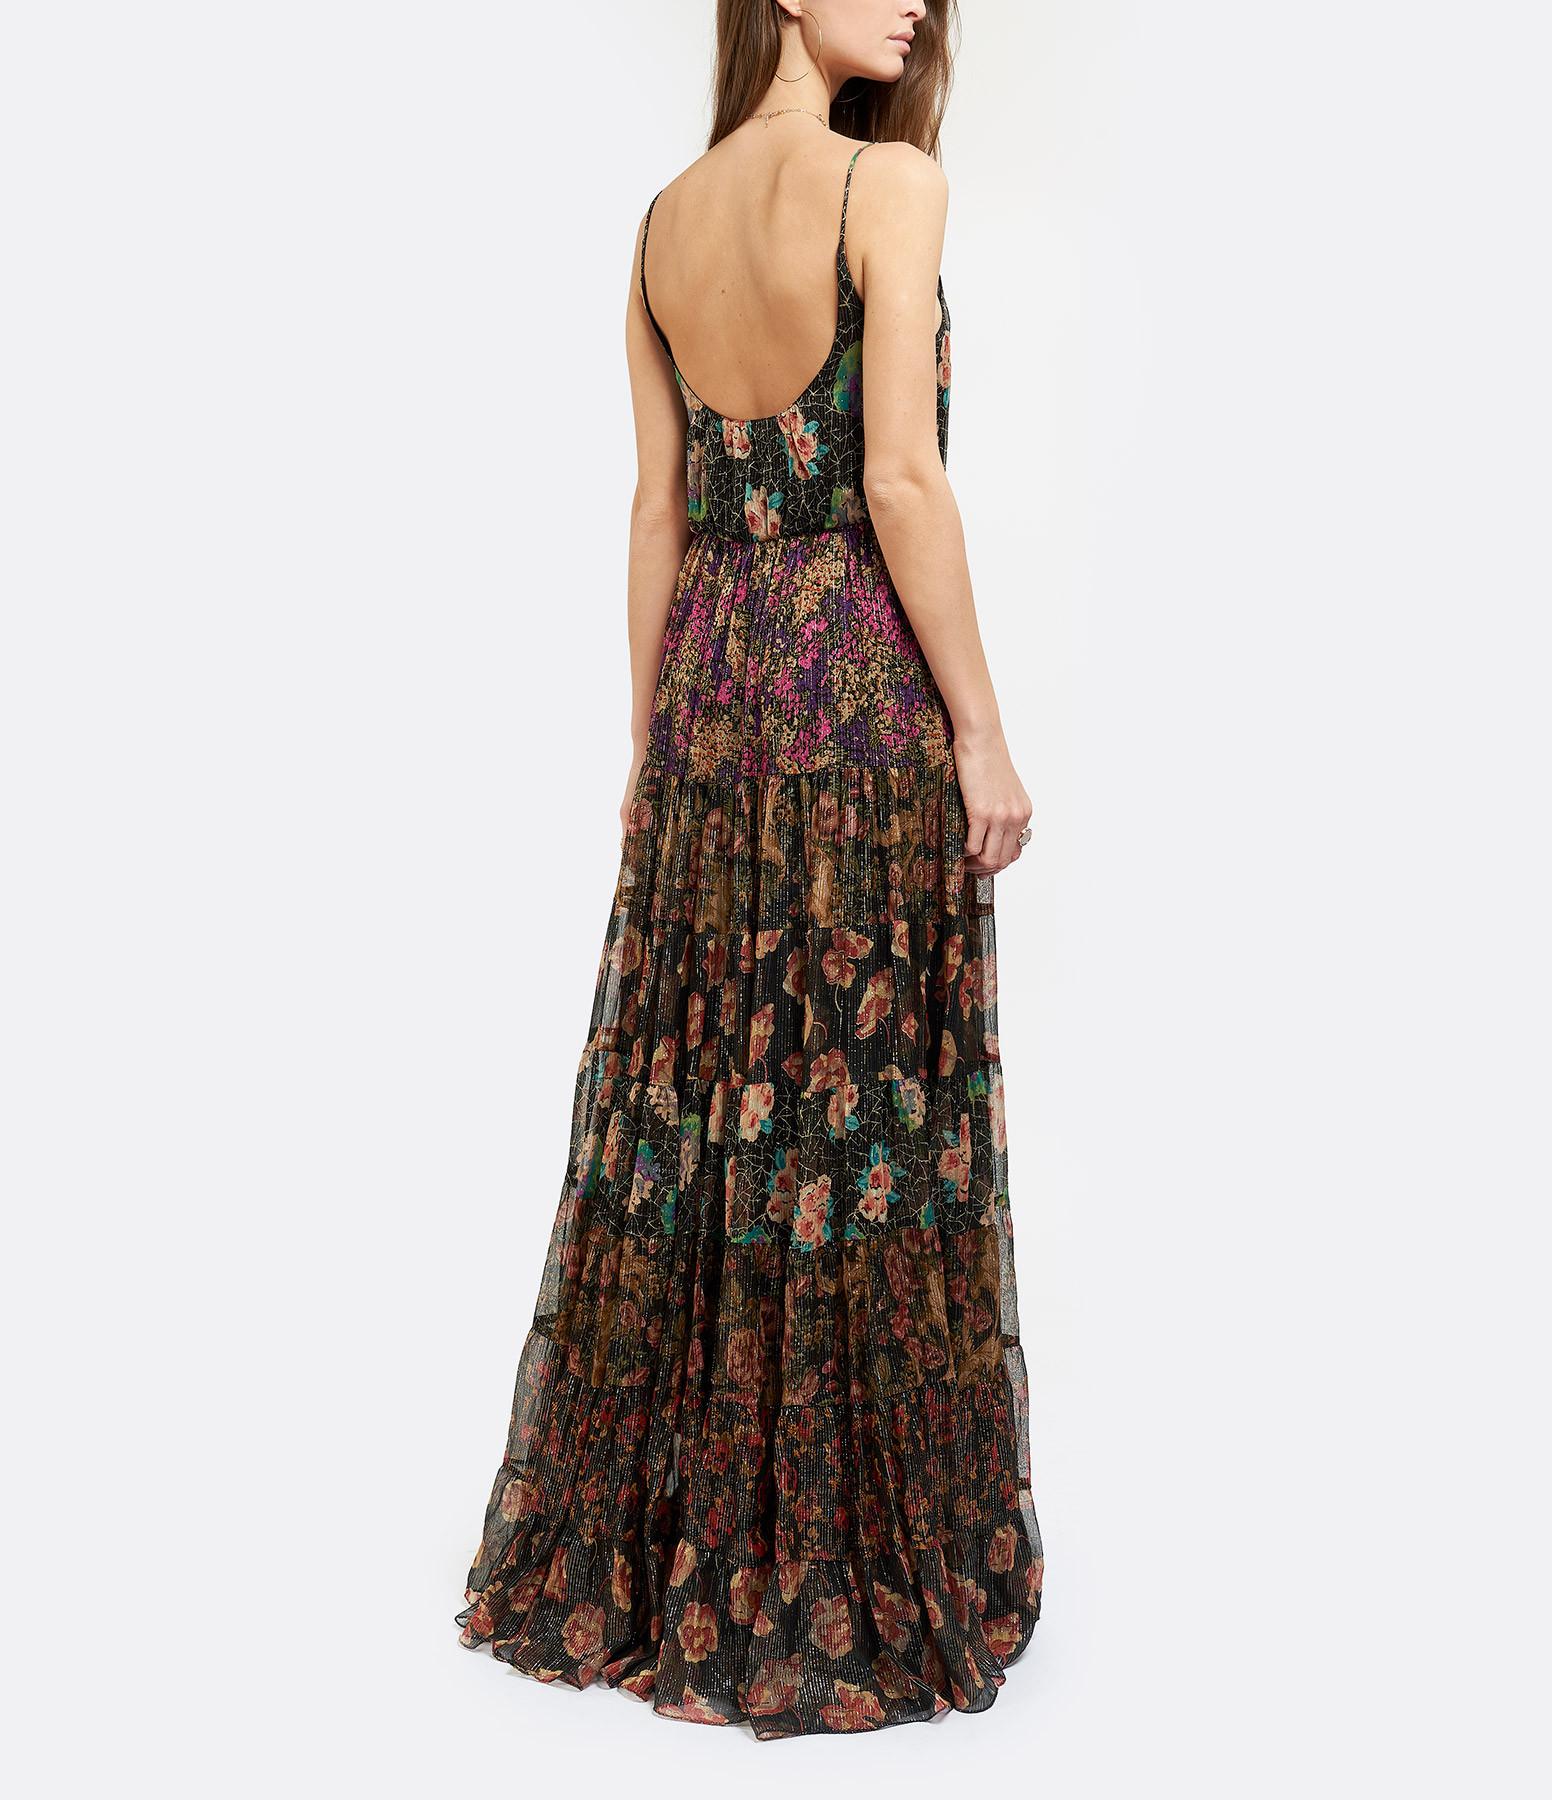 MES DEMOISELLES - Robe Fabuleuse Imprimé Floral